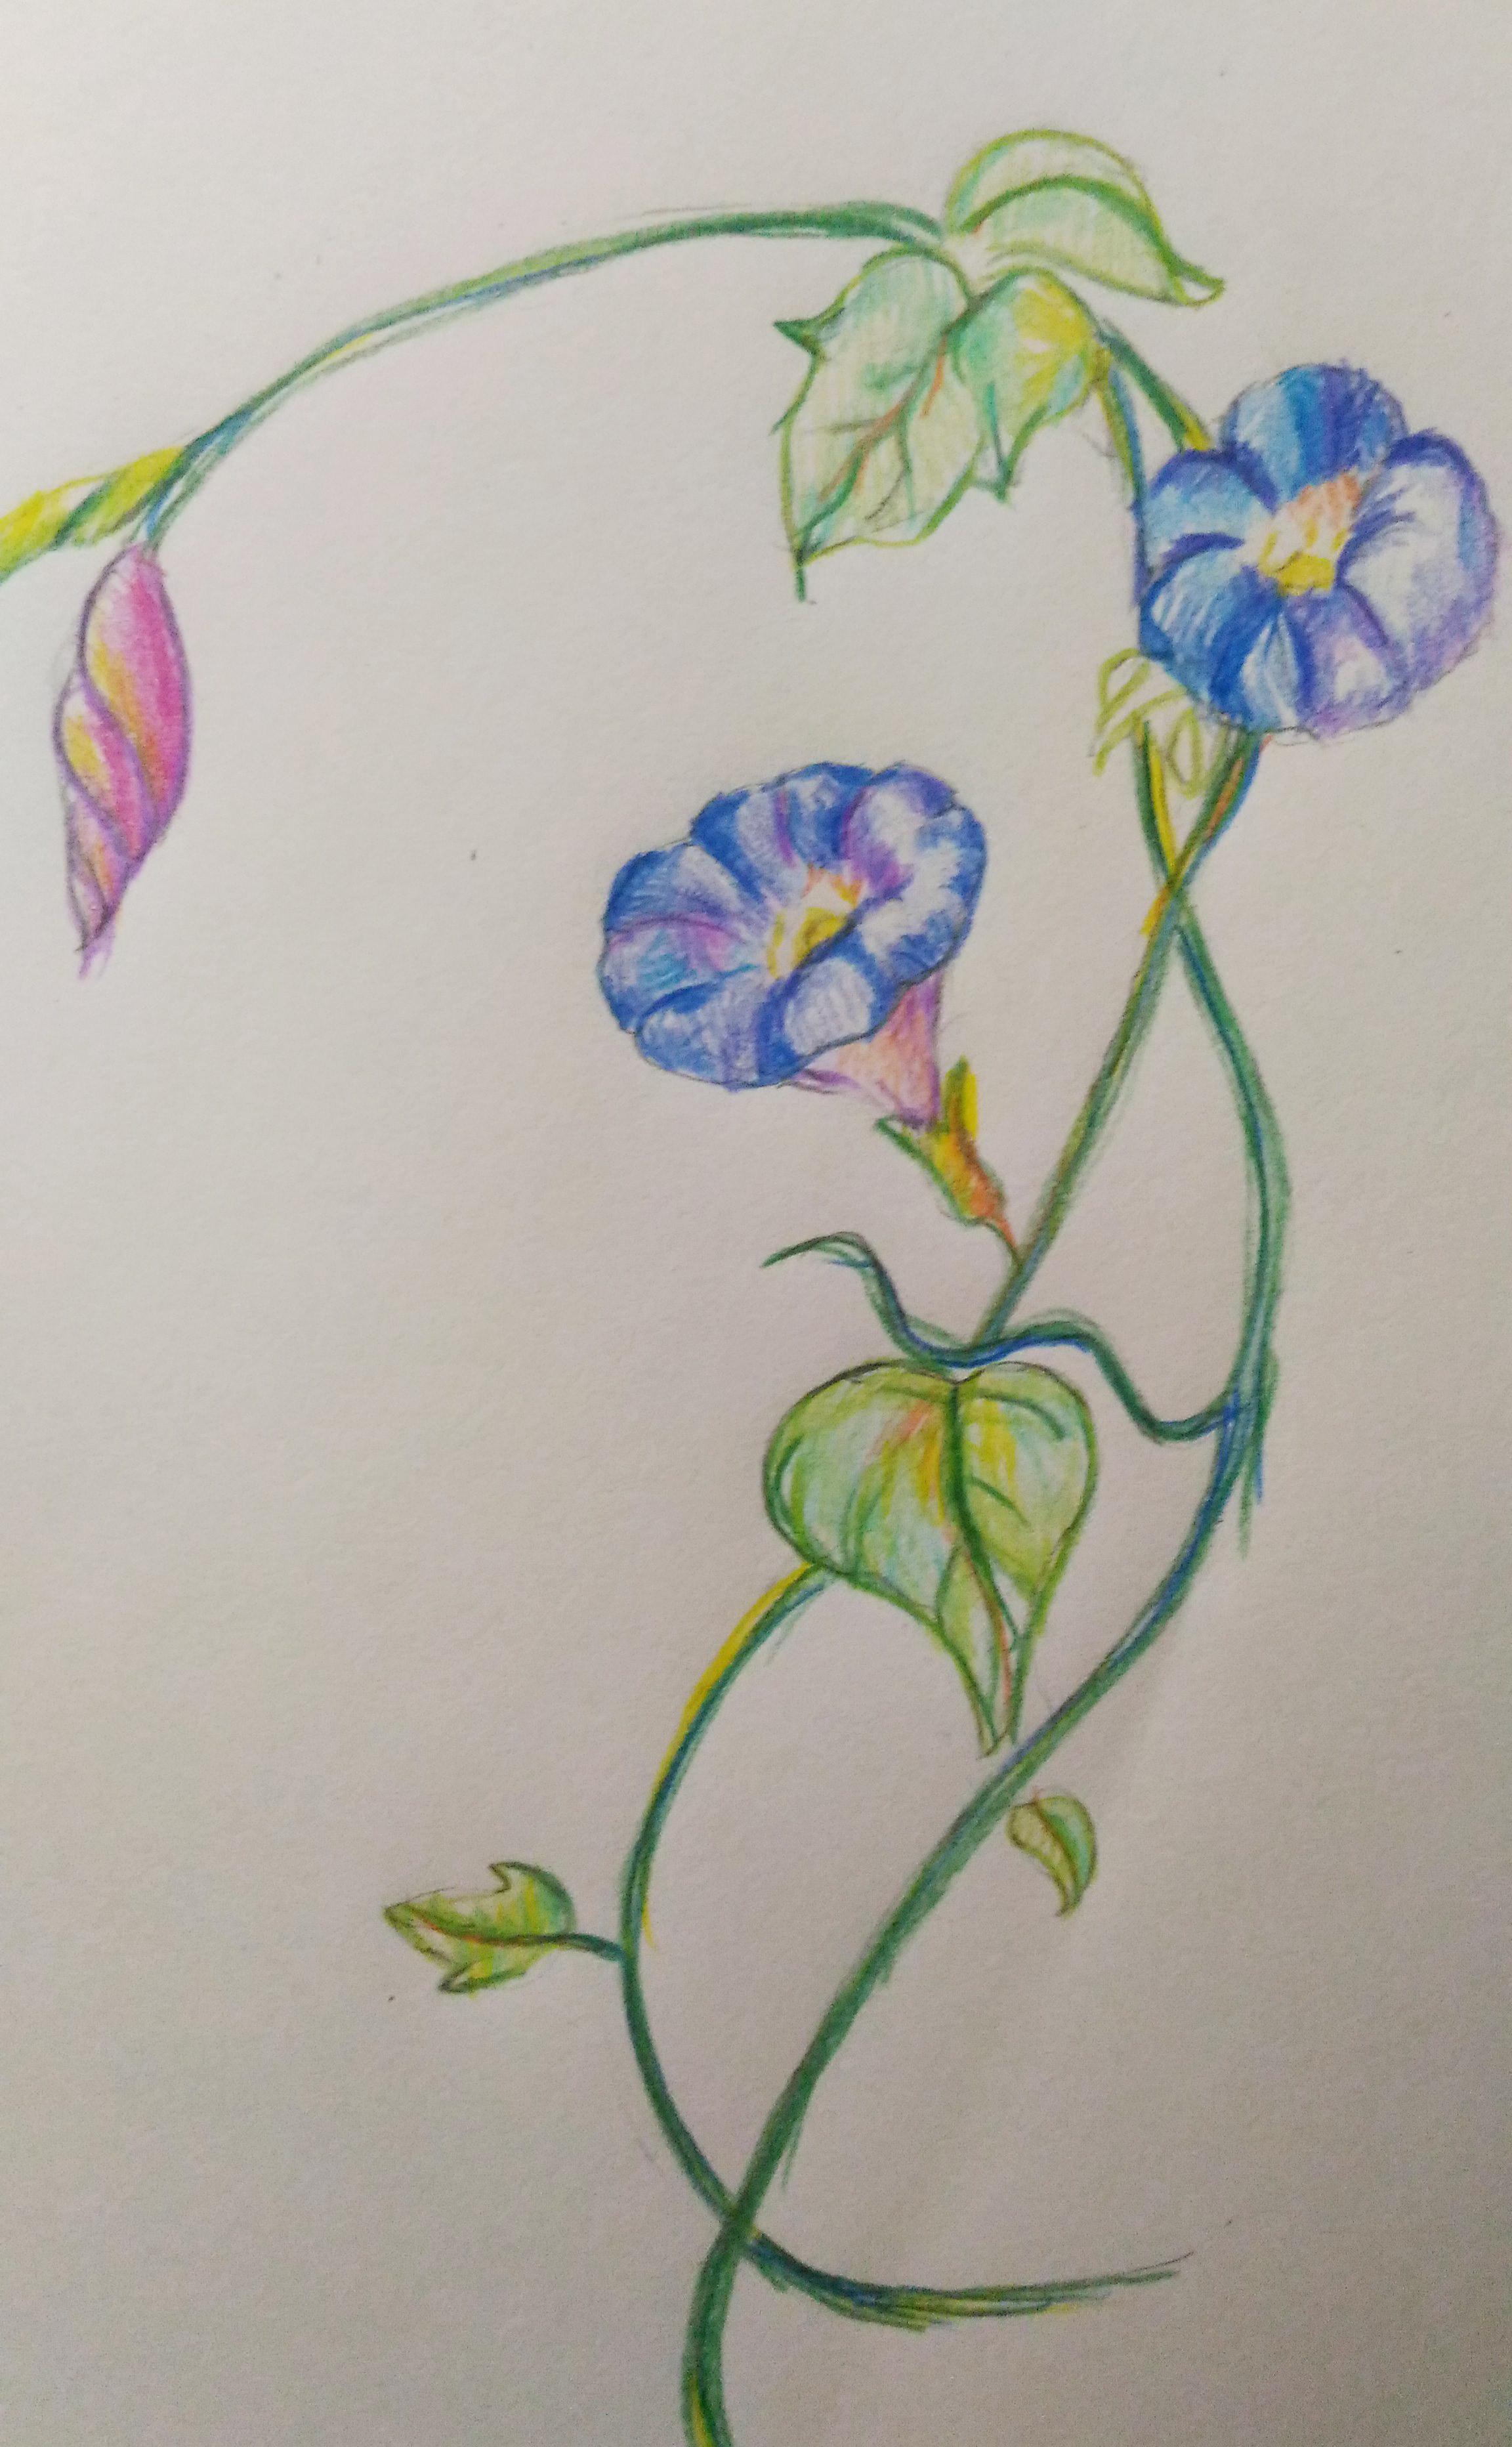 静物 手绘练习 彩铅上色